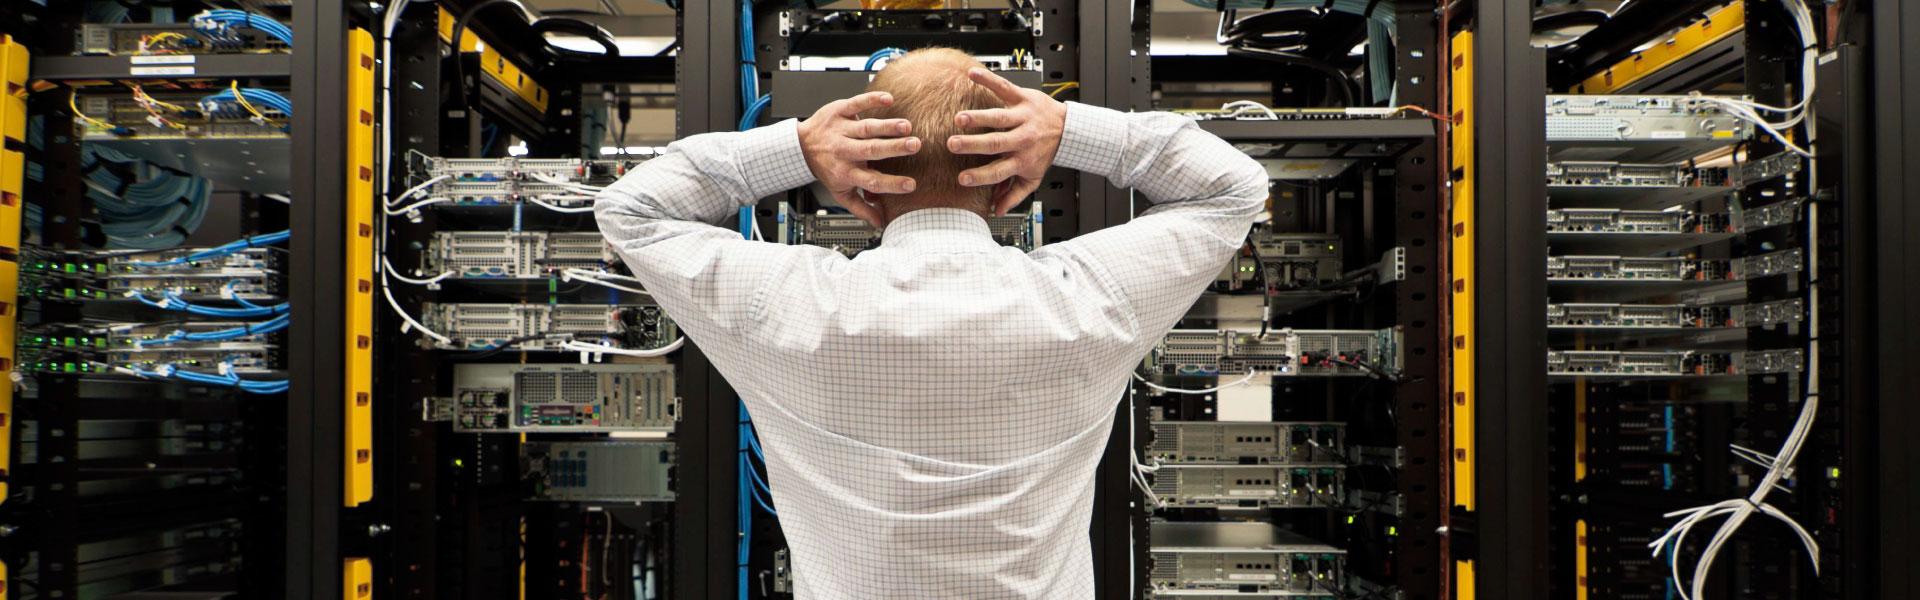 servicios informaticos bogota mind it consulting